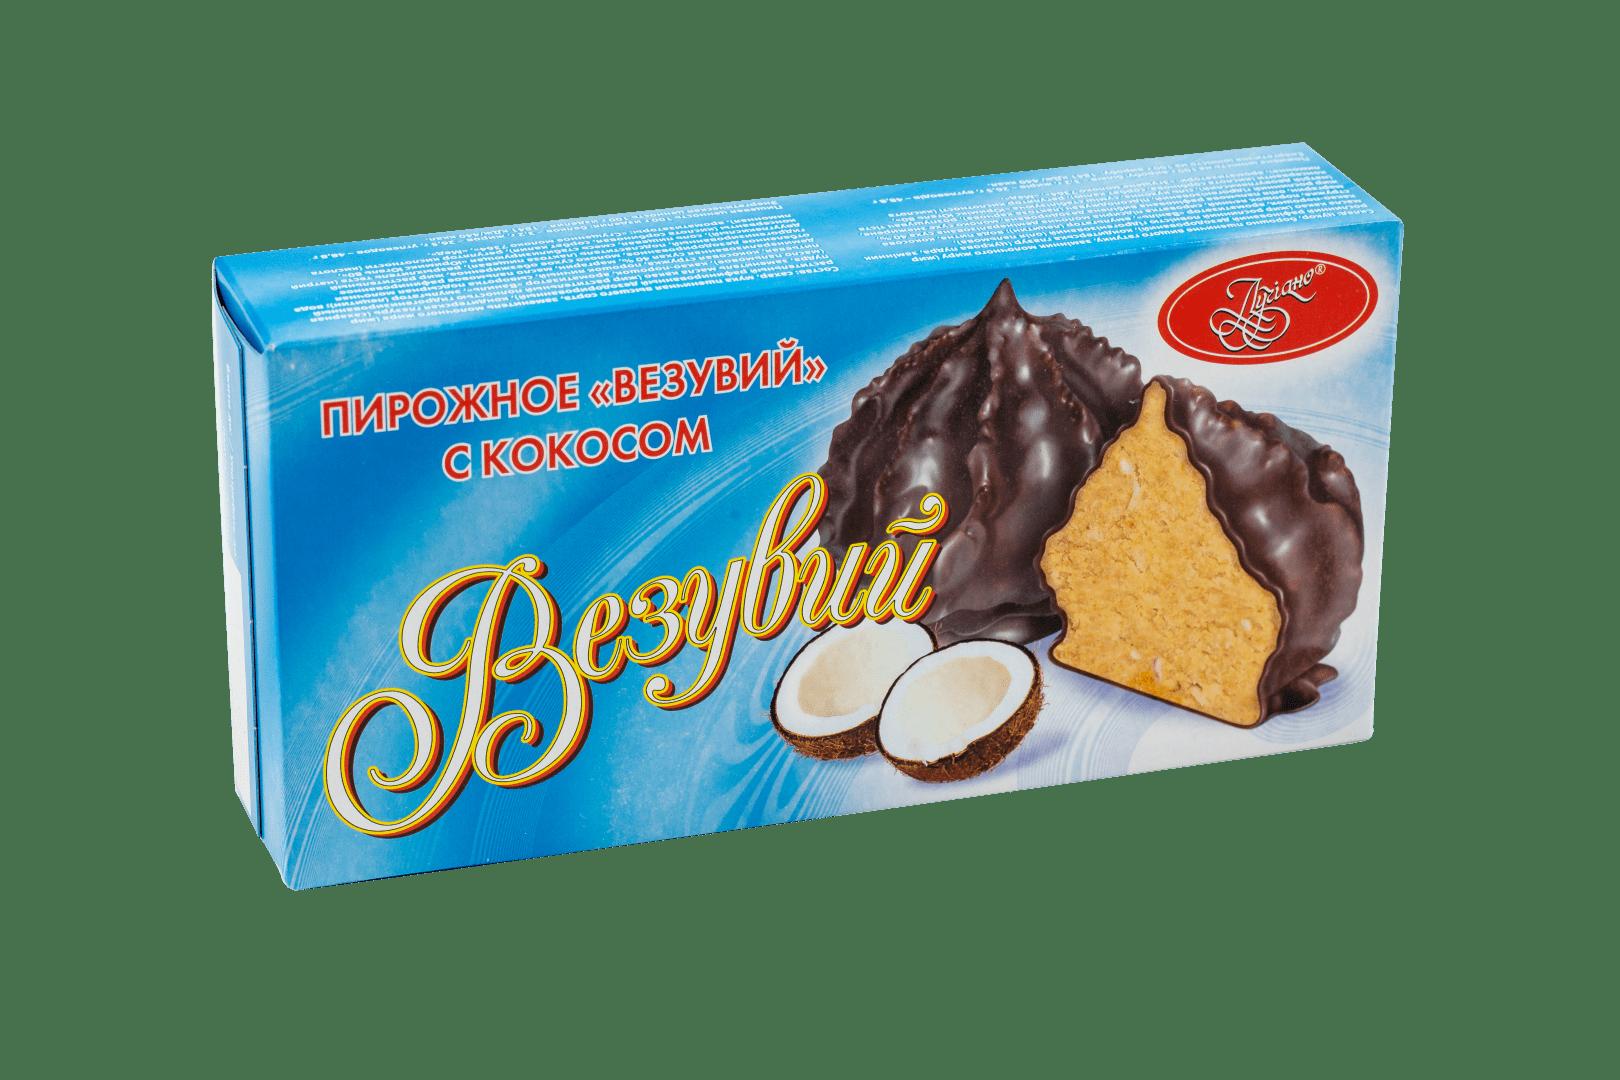 Пирожное Везувий с кокосом 1